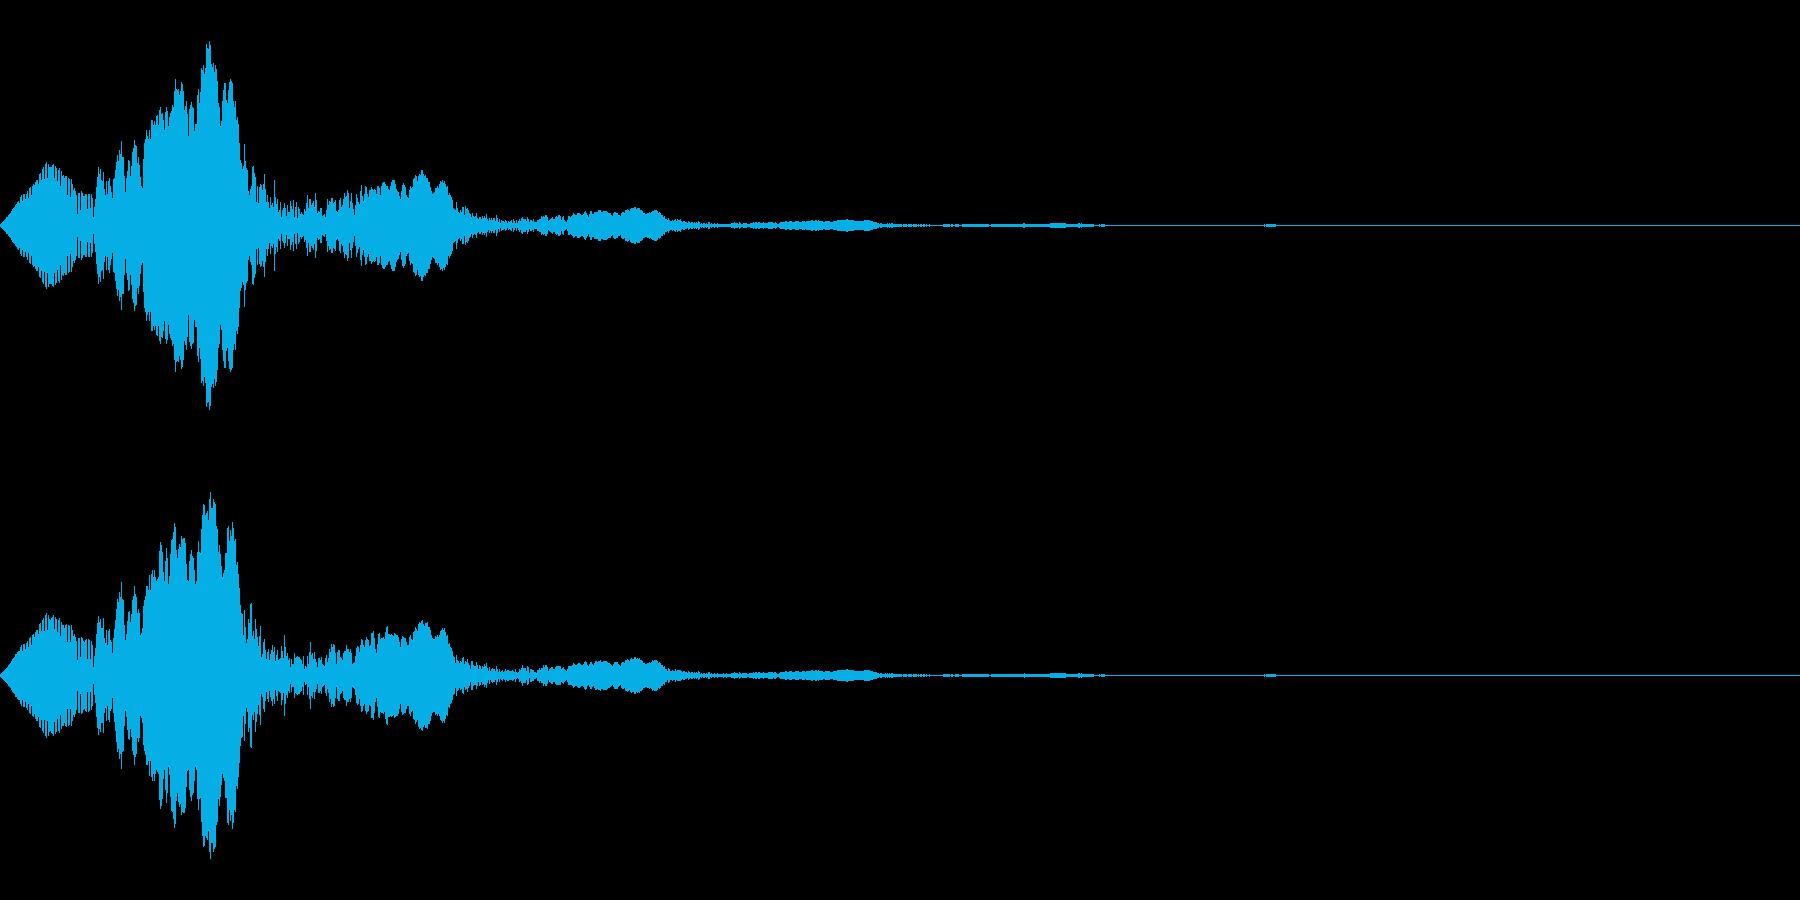 クリック、アタック音(ぷわ+エコー)の再生済みの波形